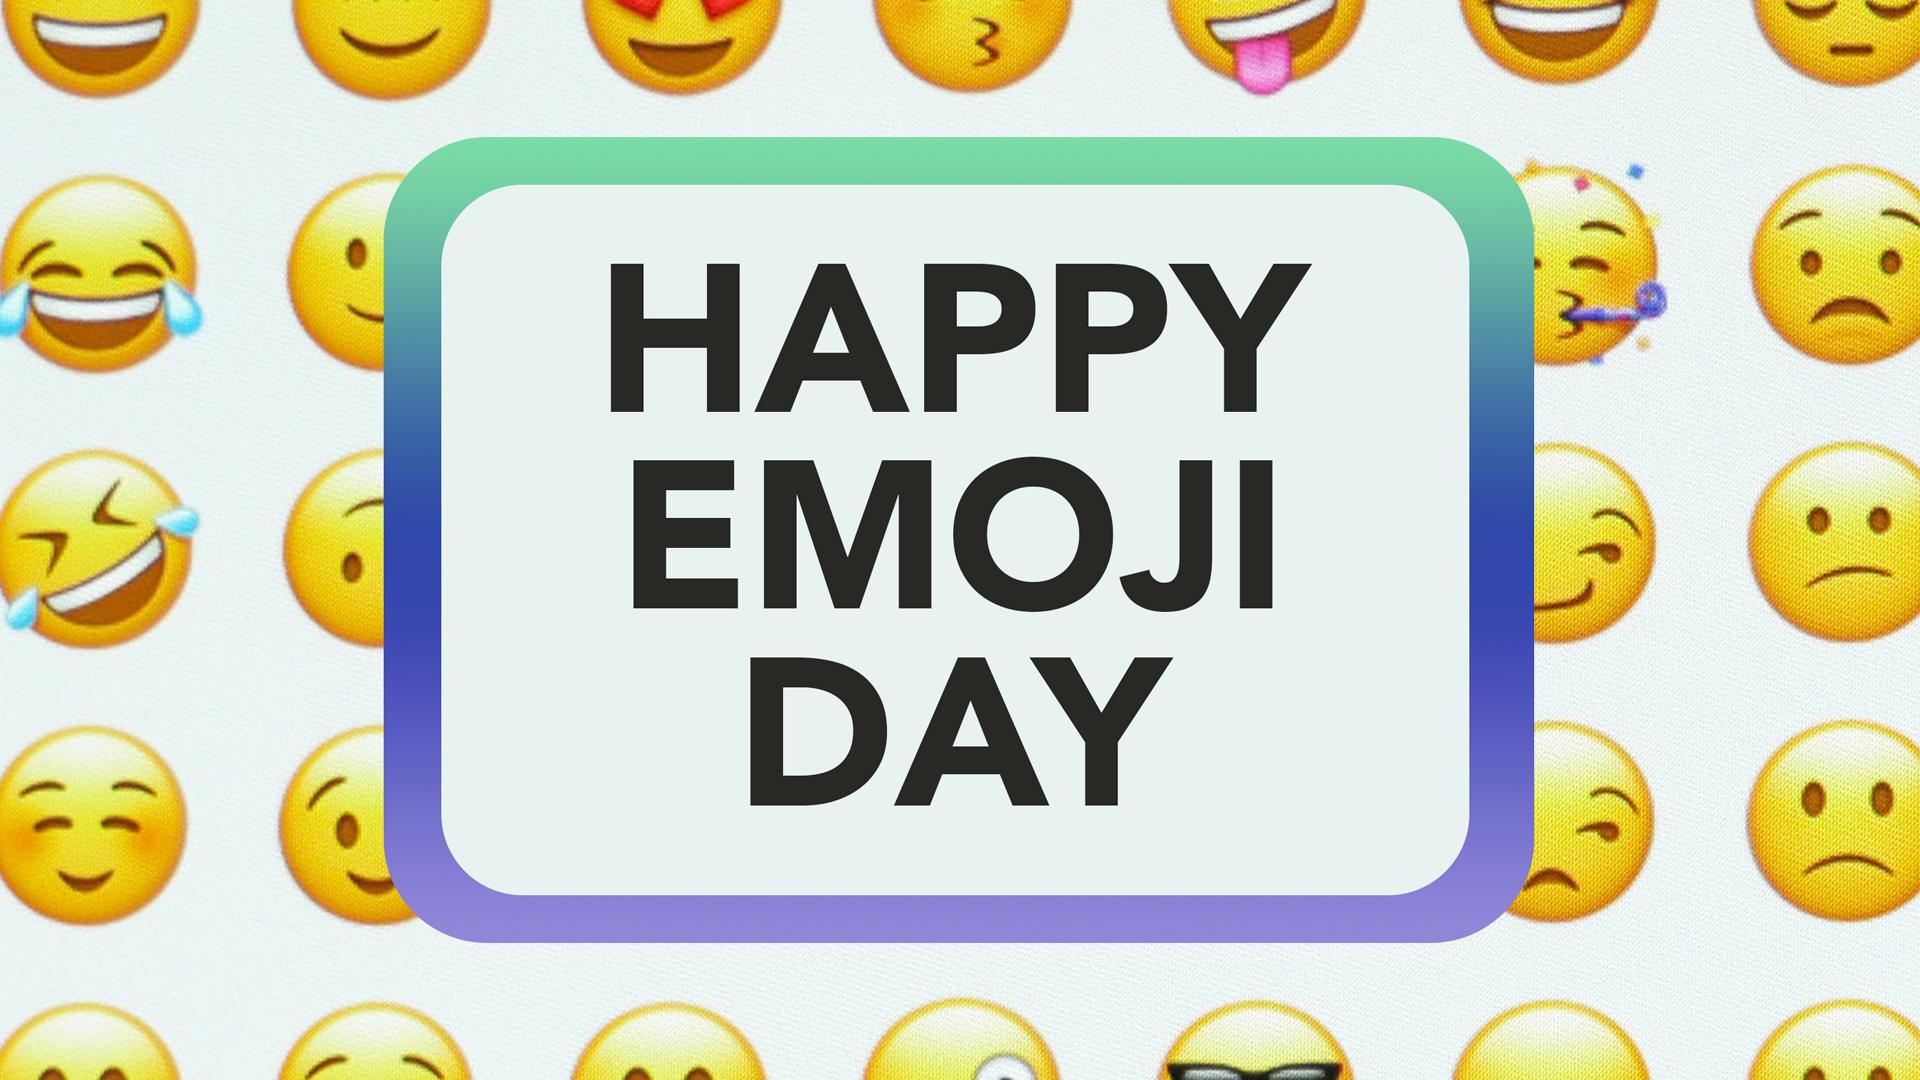 Happy Emoji Day July 17 Digital Signage Graphic